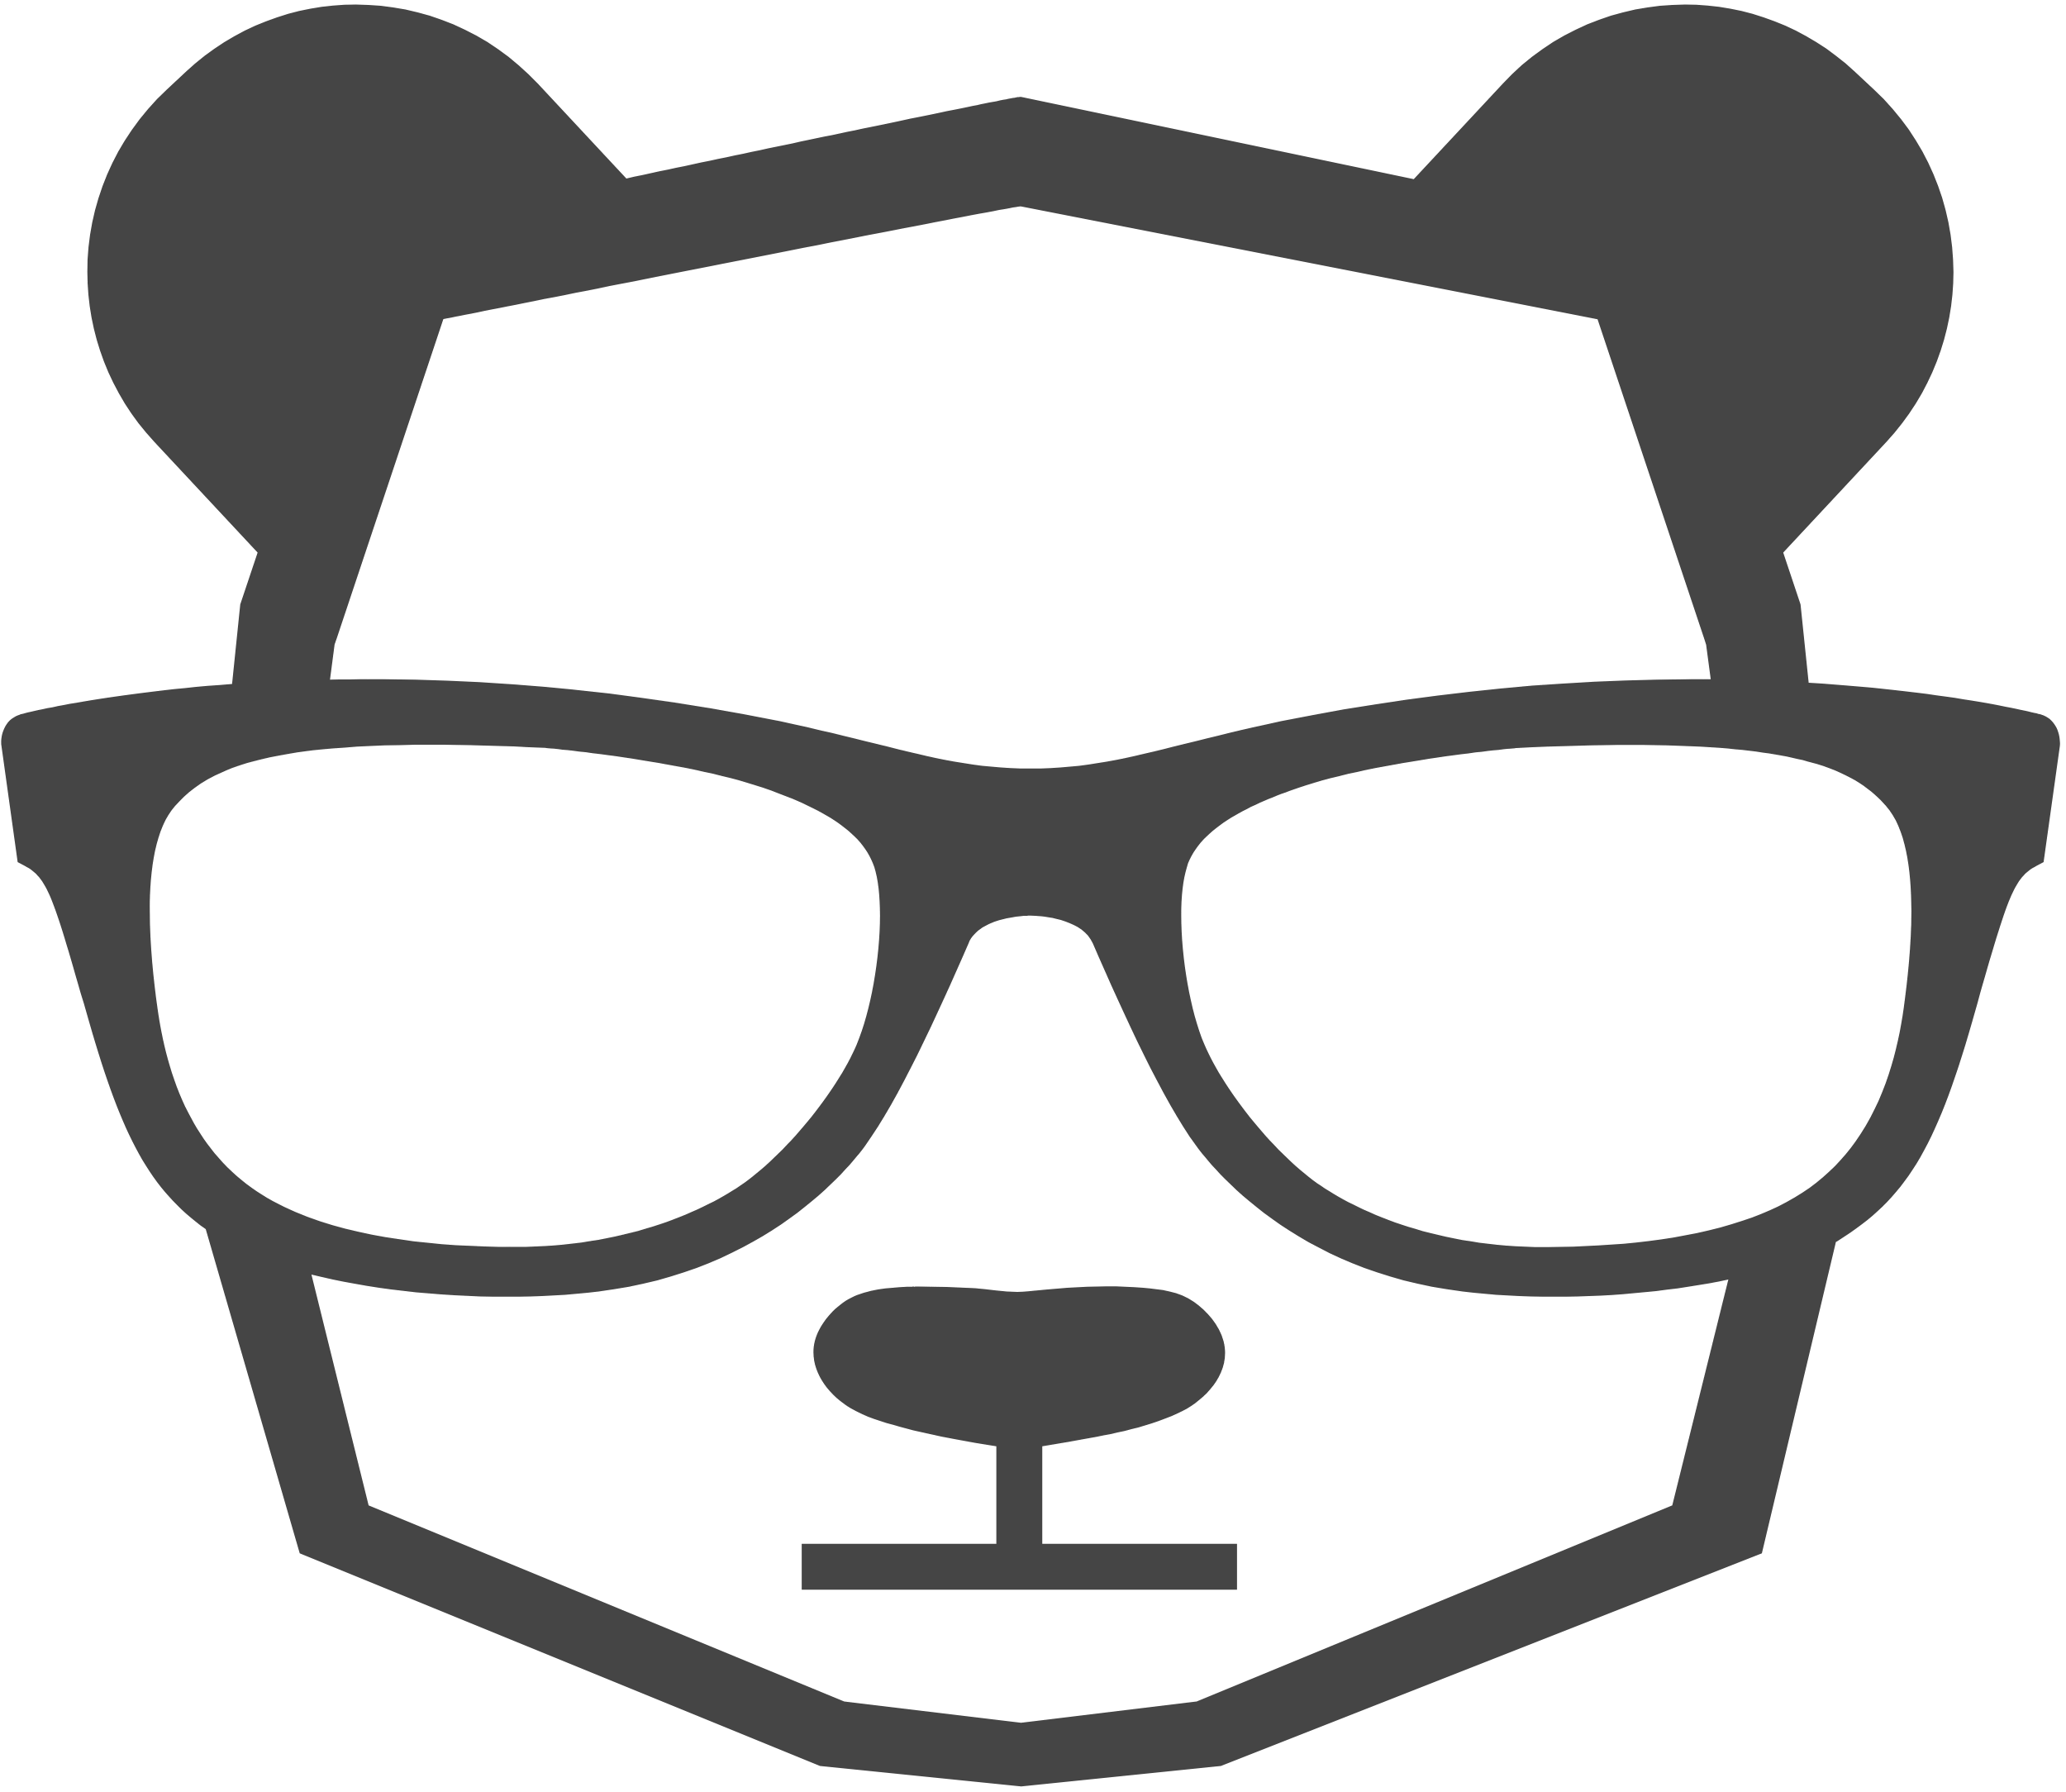 Logo di Big Panda